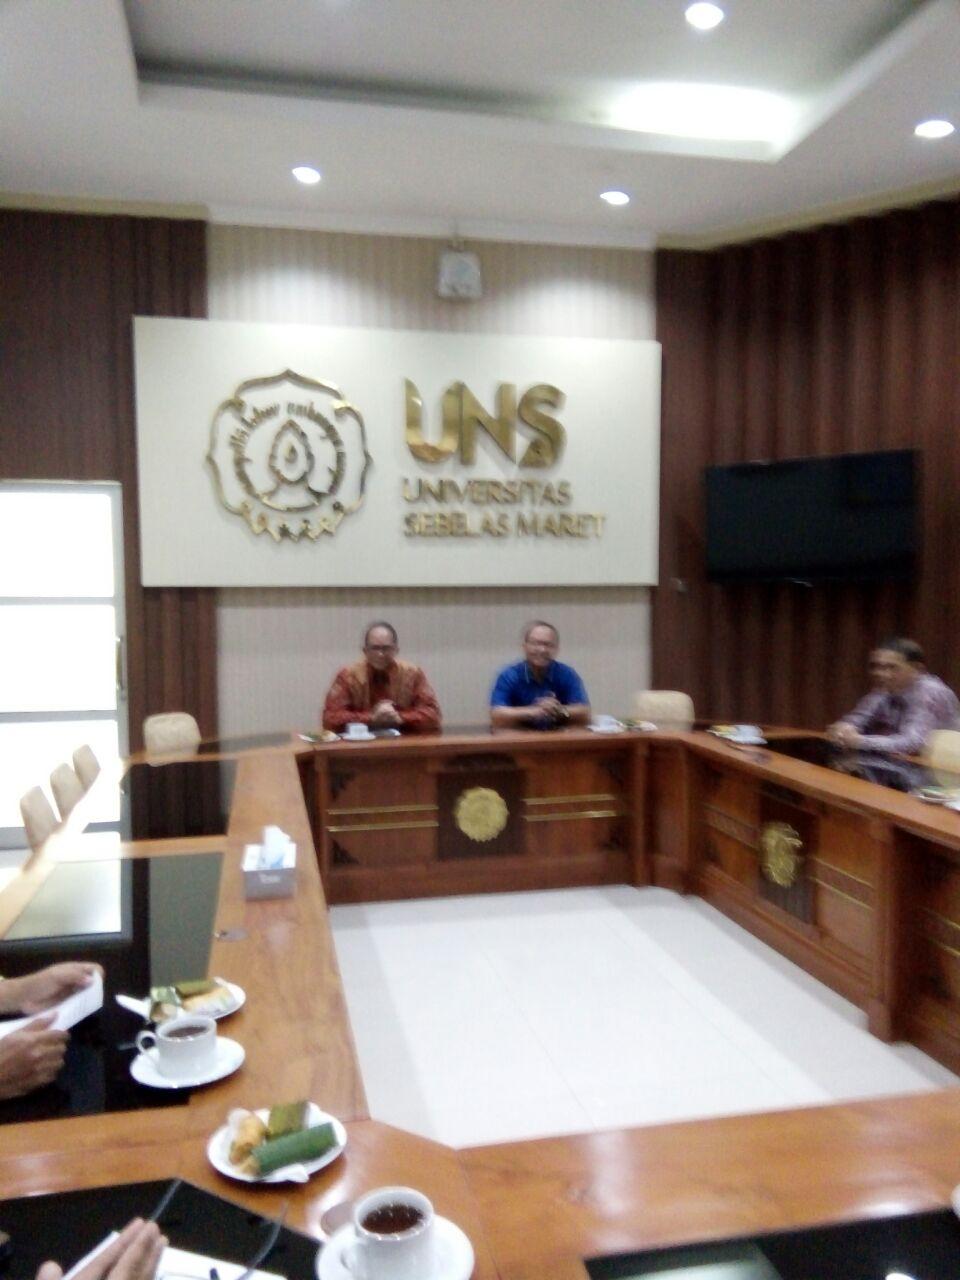 FOTO VISITASI S1 DKV 3